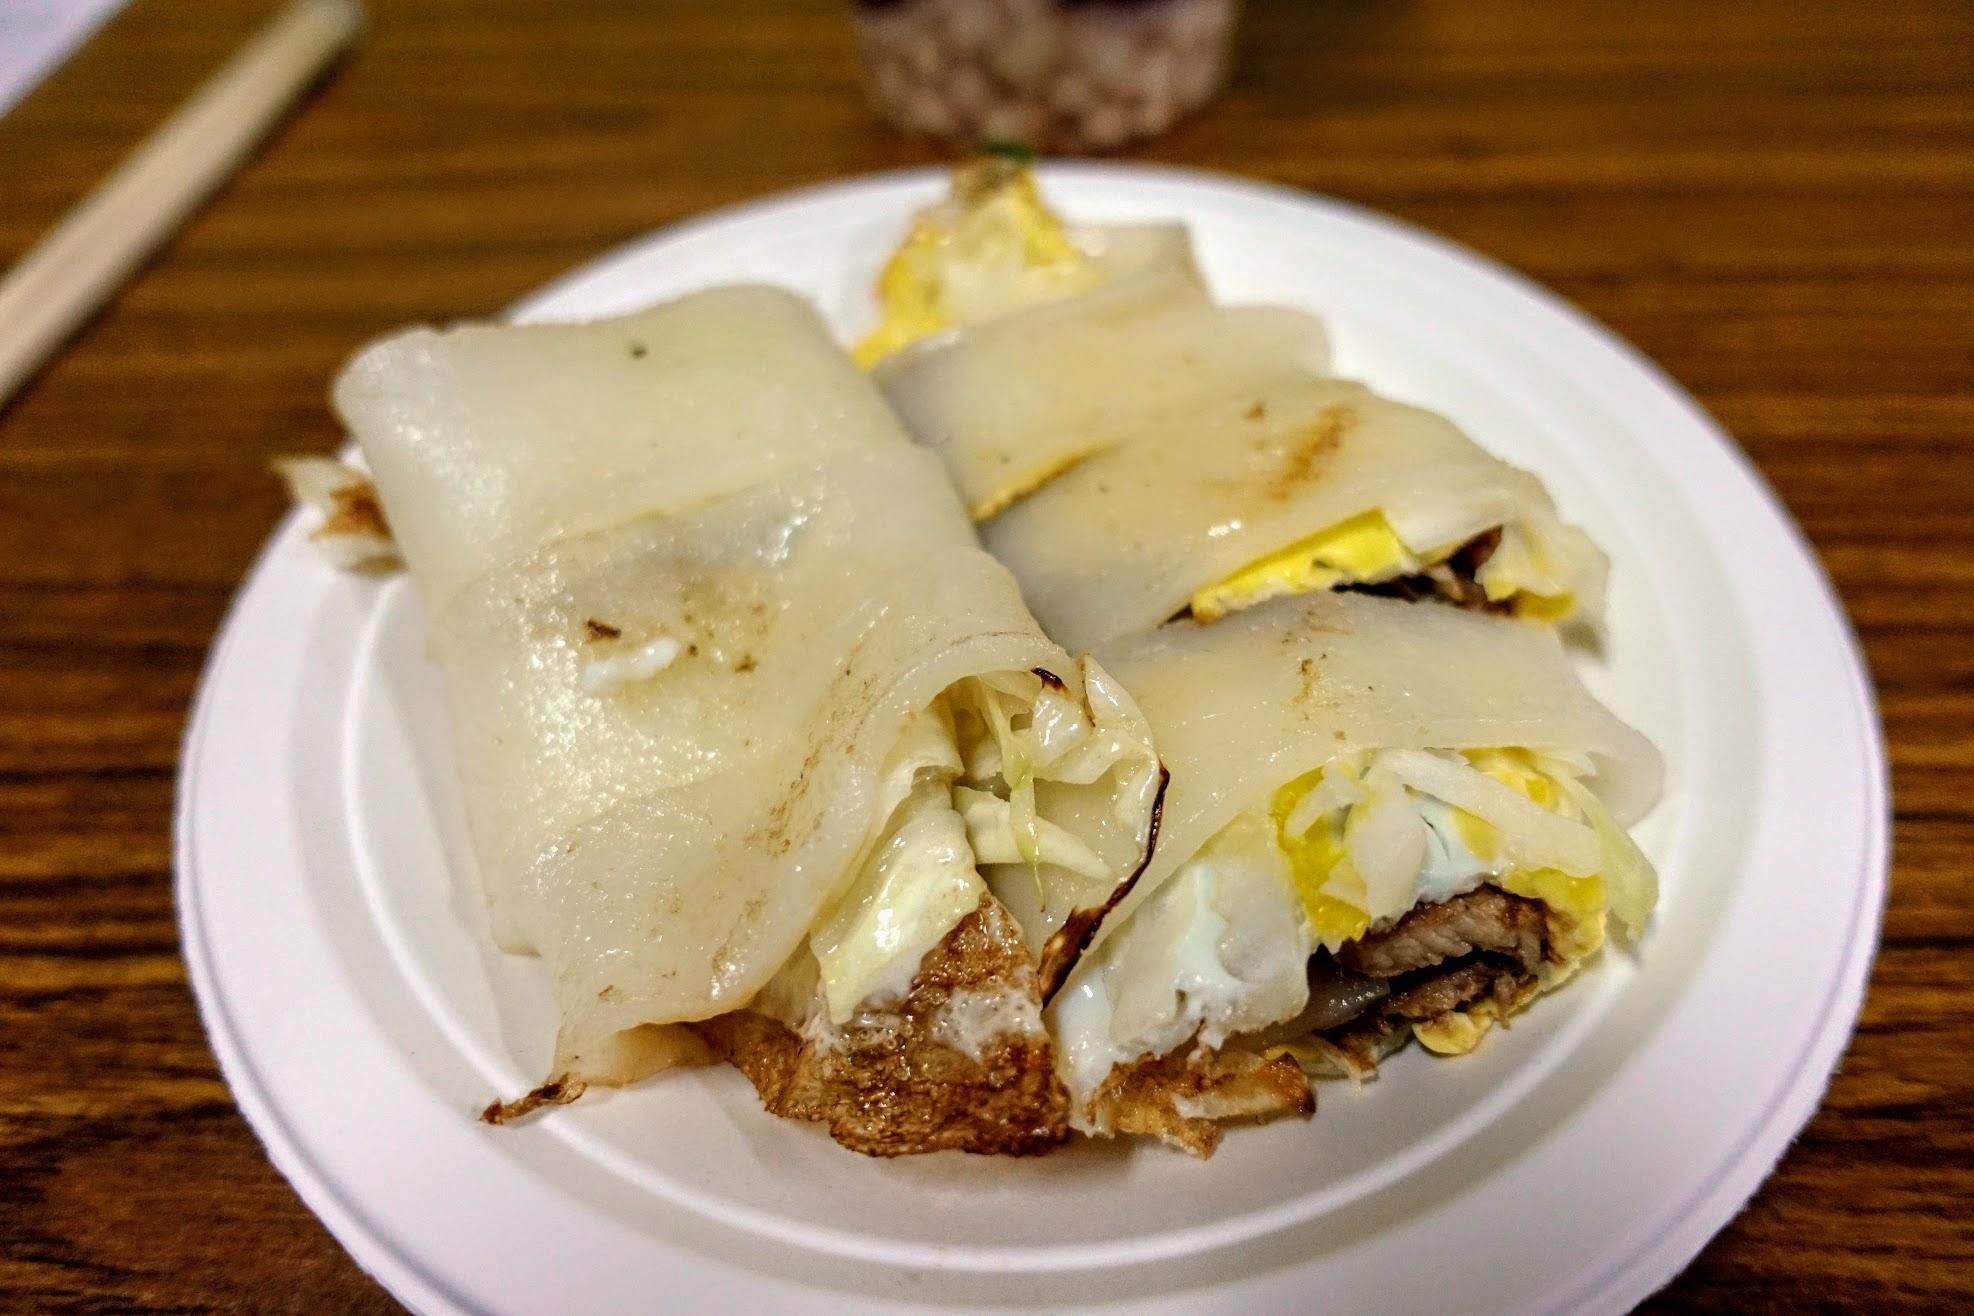 豬肉河粉蛋餅,皮是用河粉去包的喔! 裡頭則是有蛋、菜、豬肉...